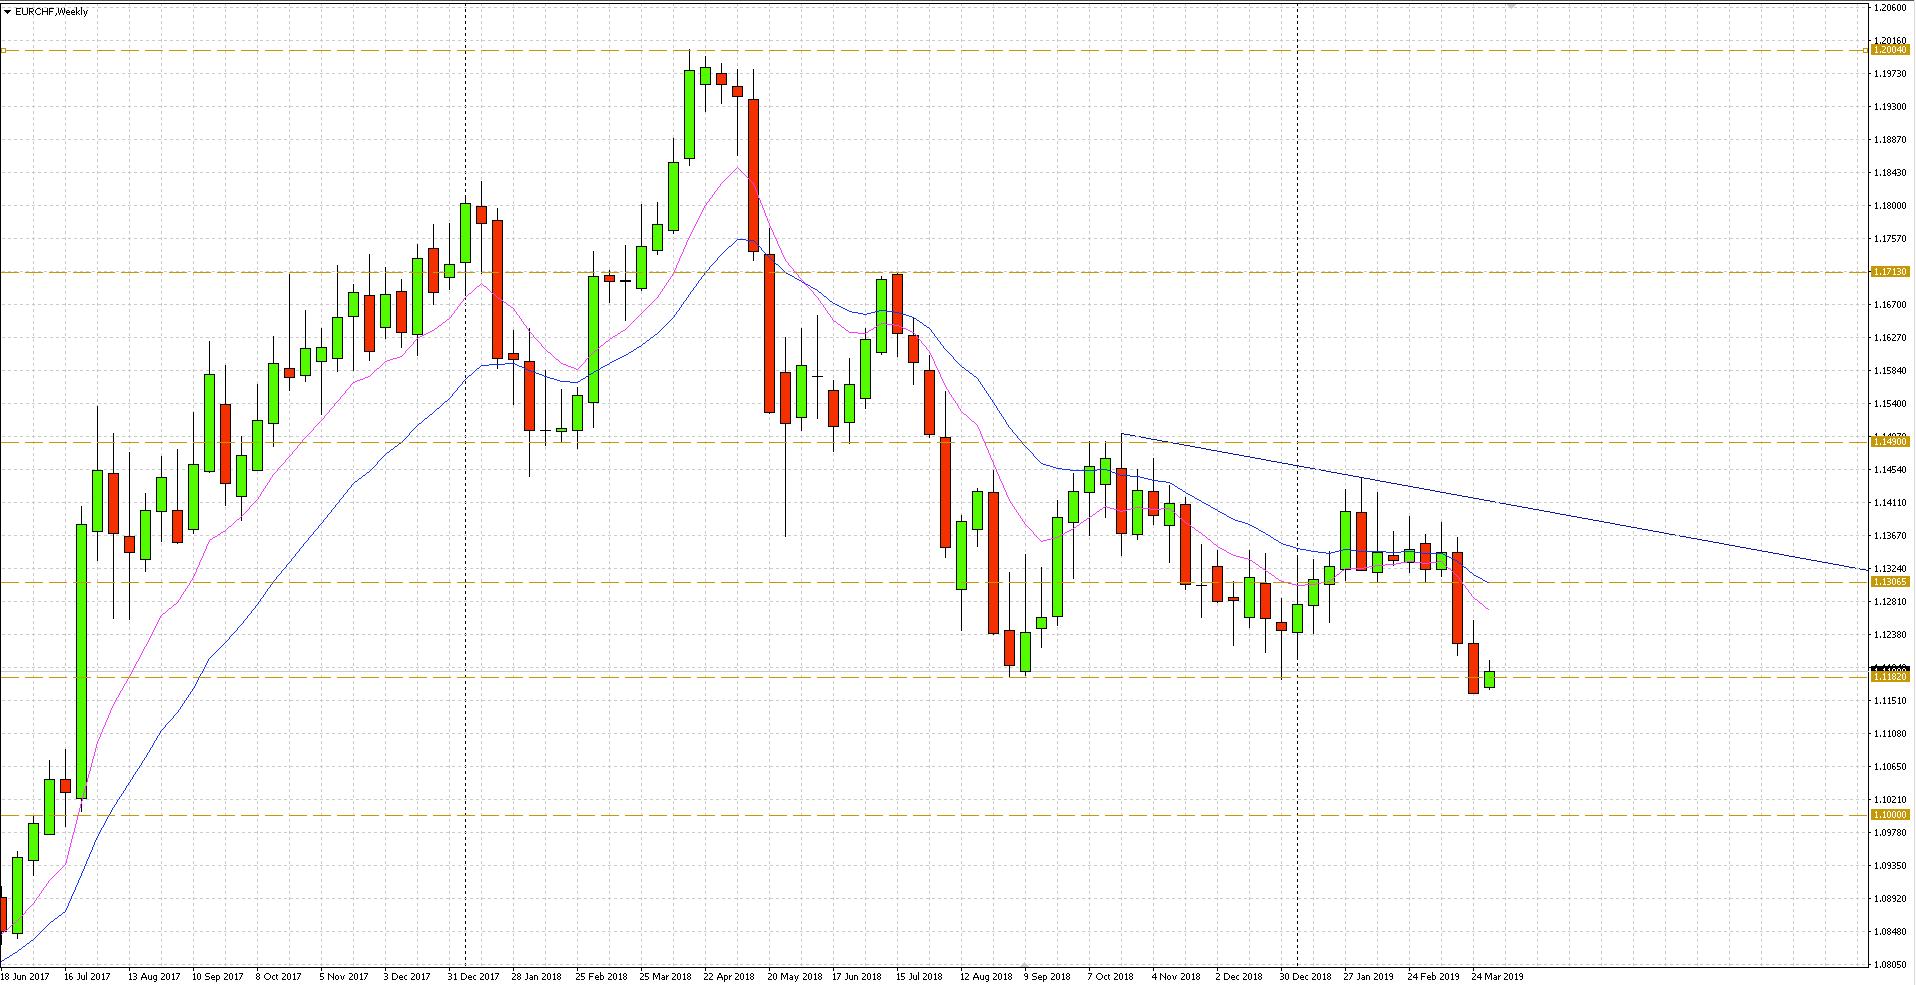 EUR CHF - wykres tygodniowy - 2 kwietnia 2019